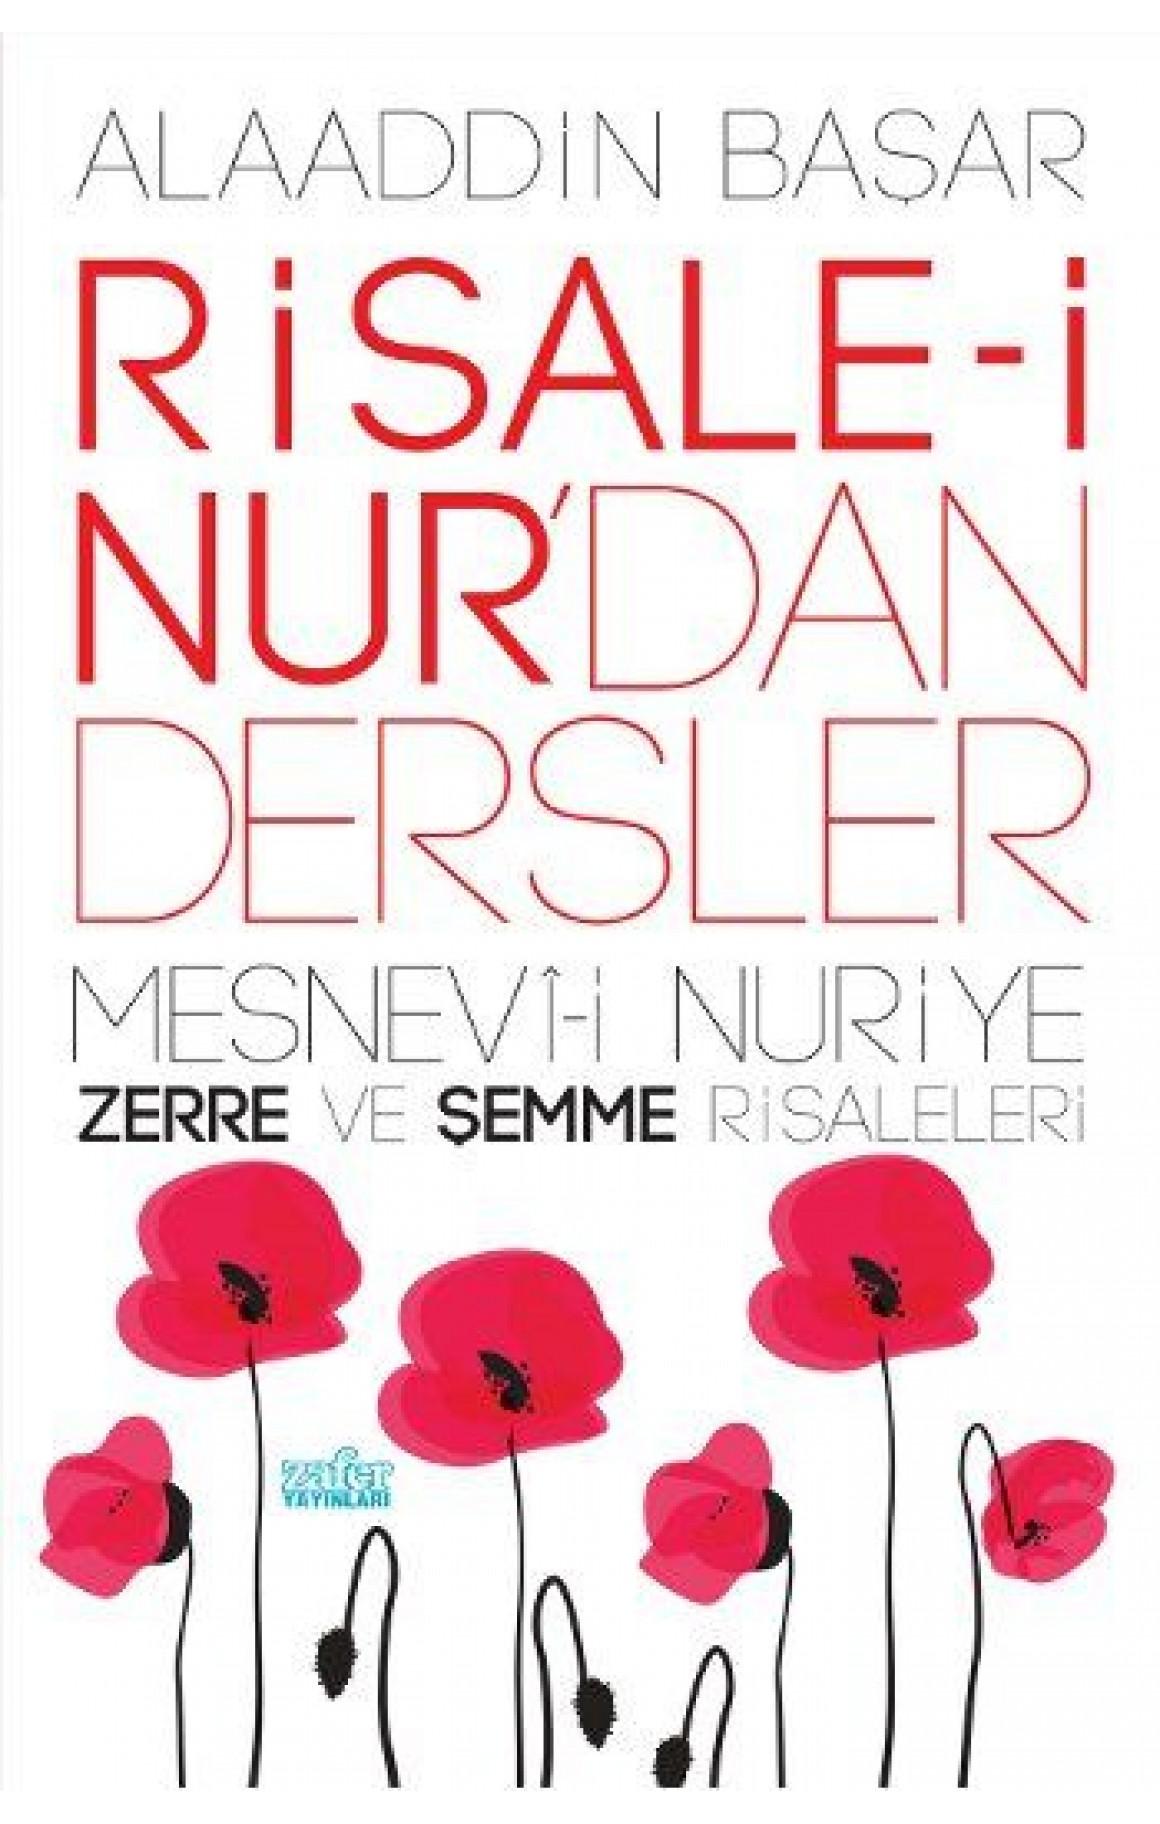 Risale-i Nurdan Dersler 1 - Mesnevi-i Nuriye Zerre ve Şemme Risaleleri